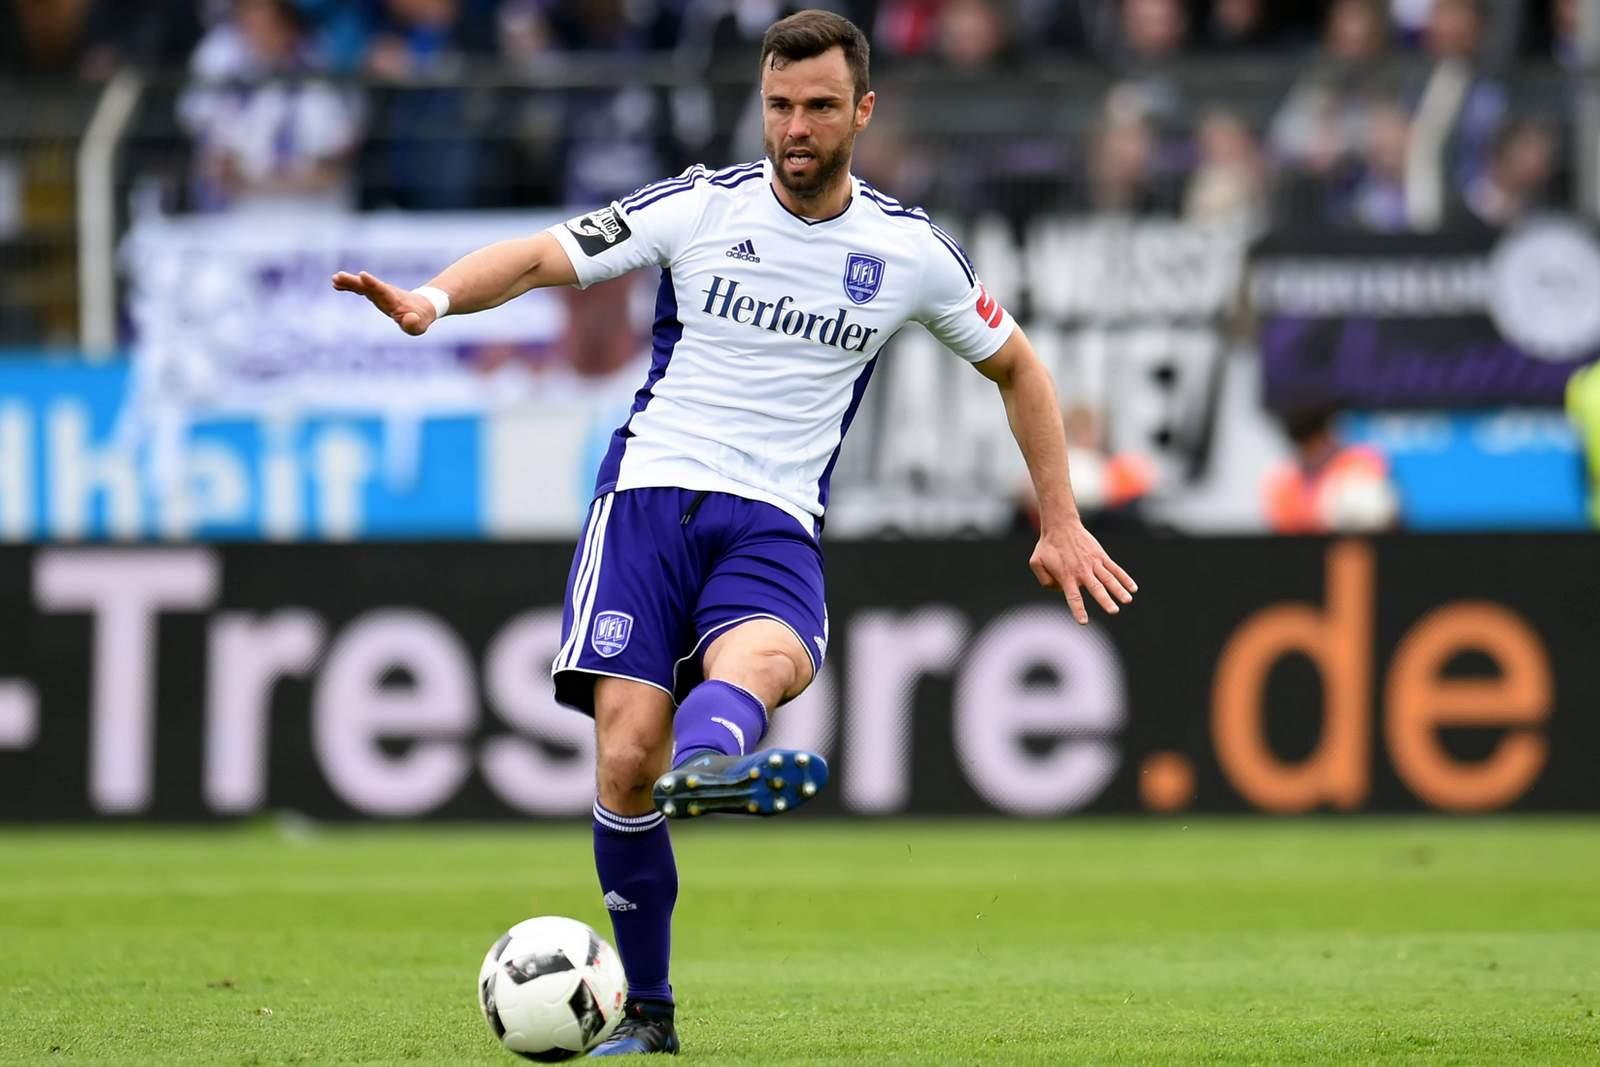 Bastian Schulz im Trikot des VfL Osnabrück